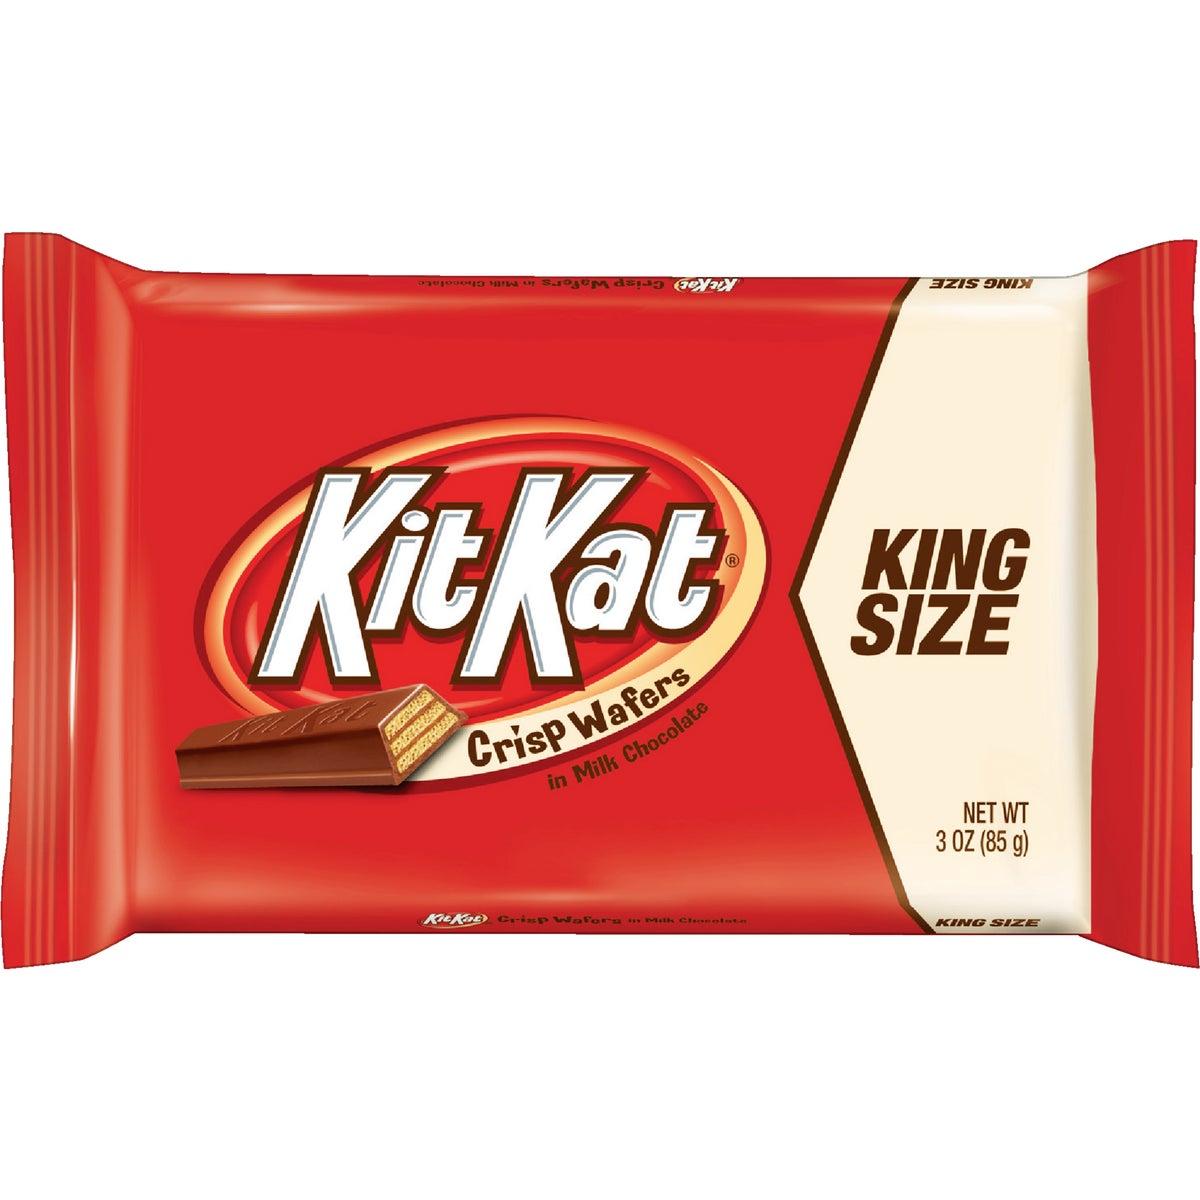 KING SIZE KIT KAT - 10234 by Liberty Distribution